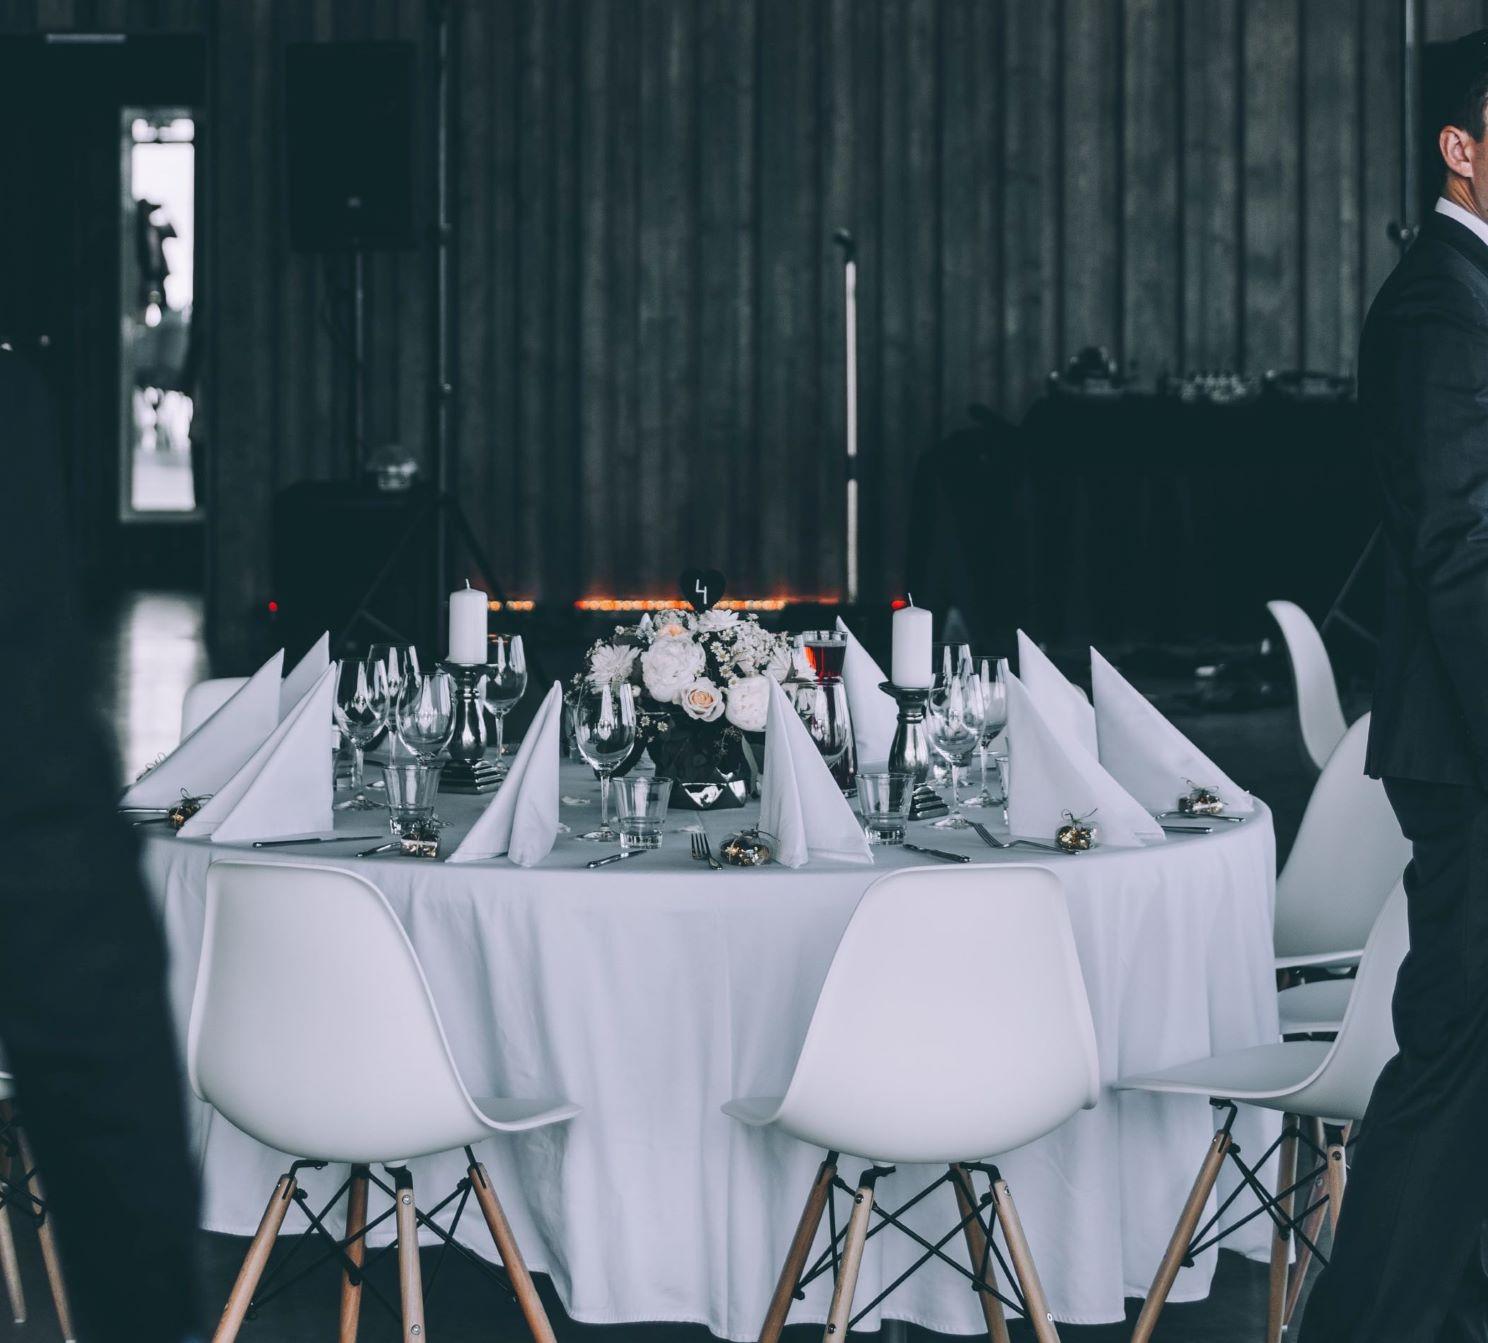 Ein Bild eines dekorierten Partytisches